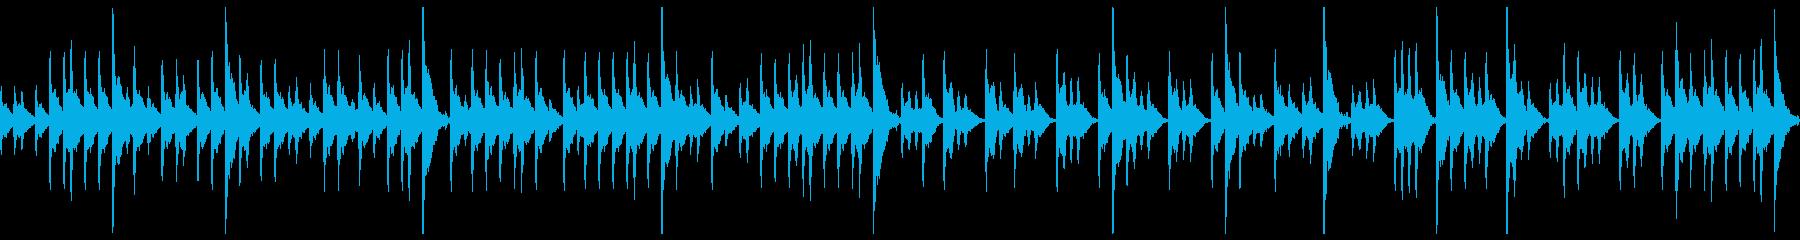 締太鼓ソロ アップ2の再生済みの波形